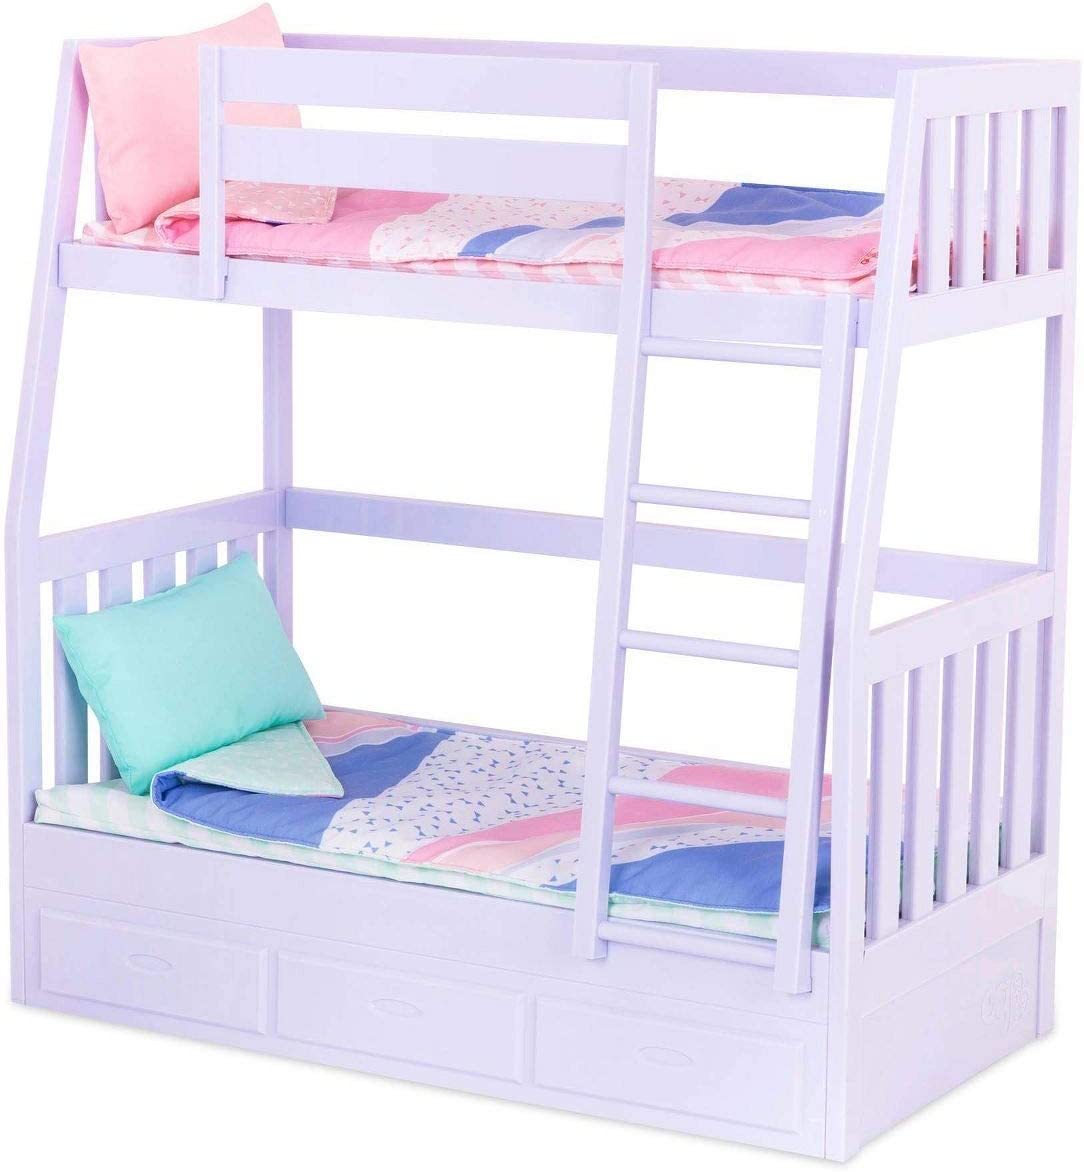 Our Generation Og Bunk Bed Lilac Colours 44925 Amazon De Spielzeug